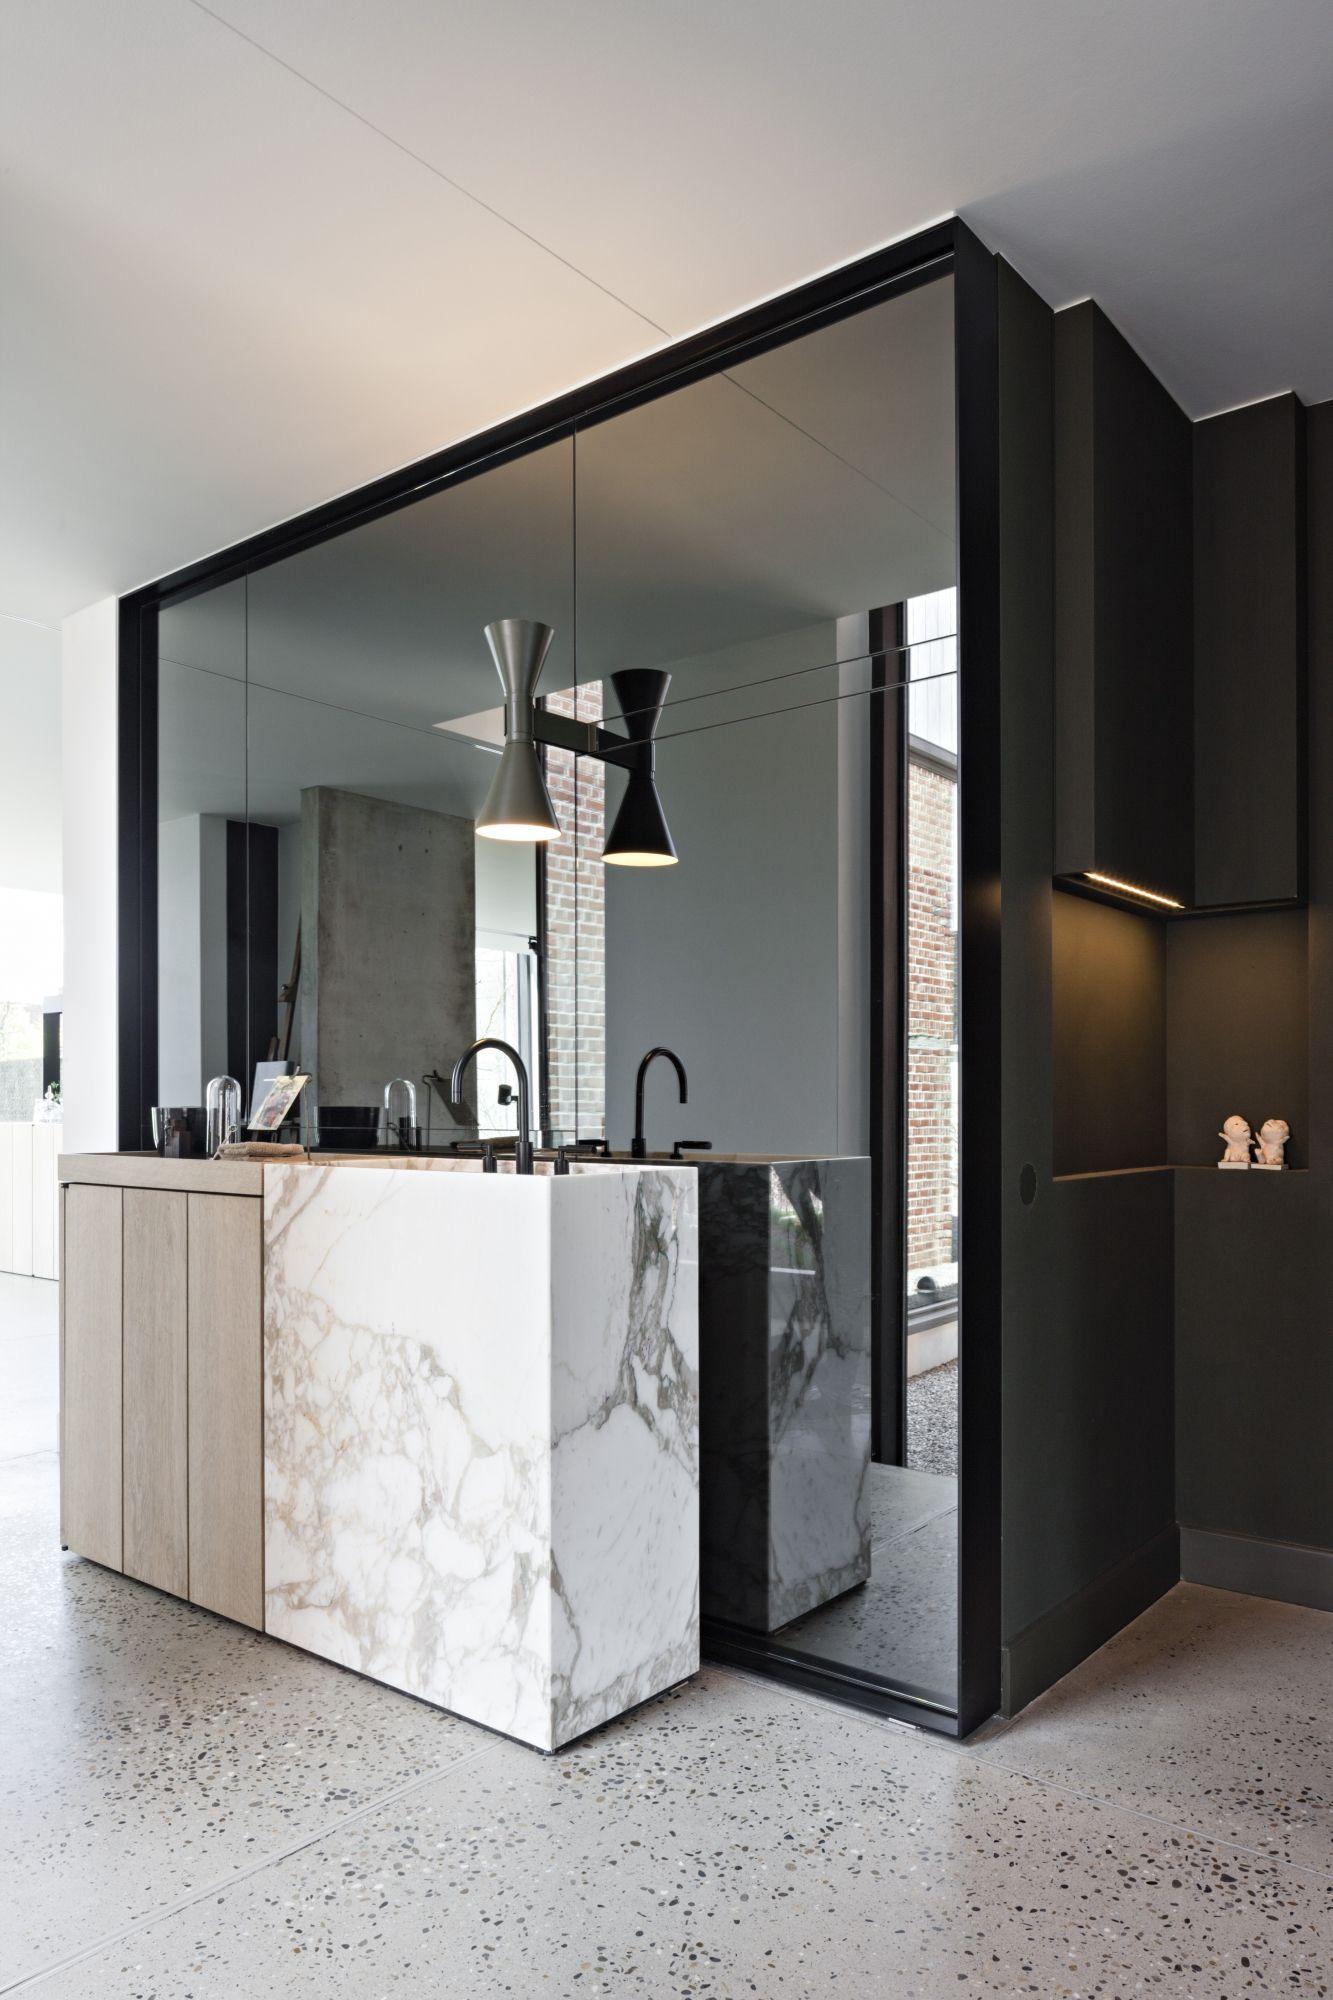 Bathroom - House K in Sint-eloois-winkel Belgium by Frederic Kielemoes